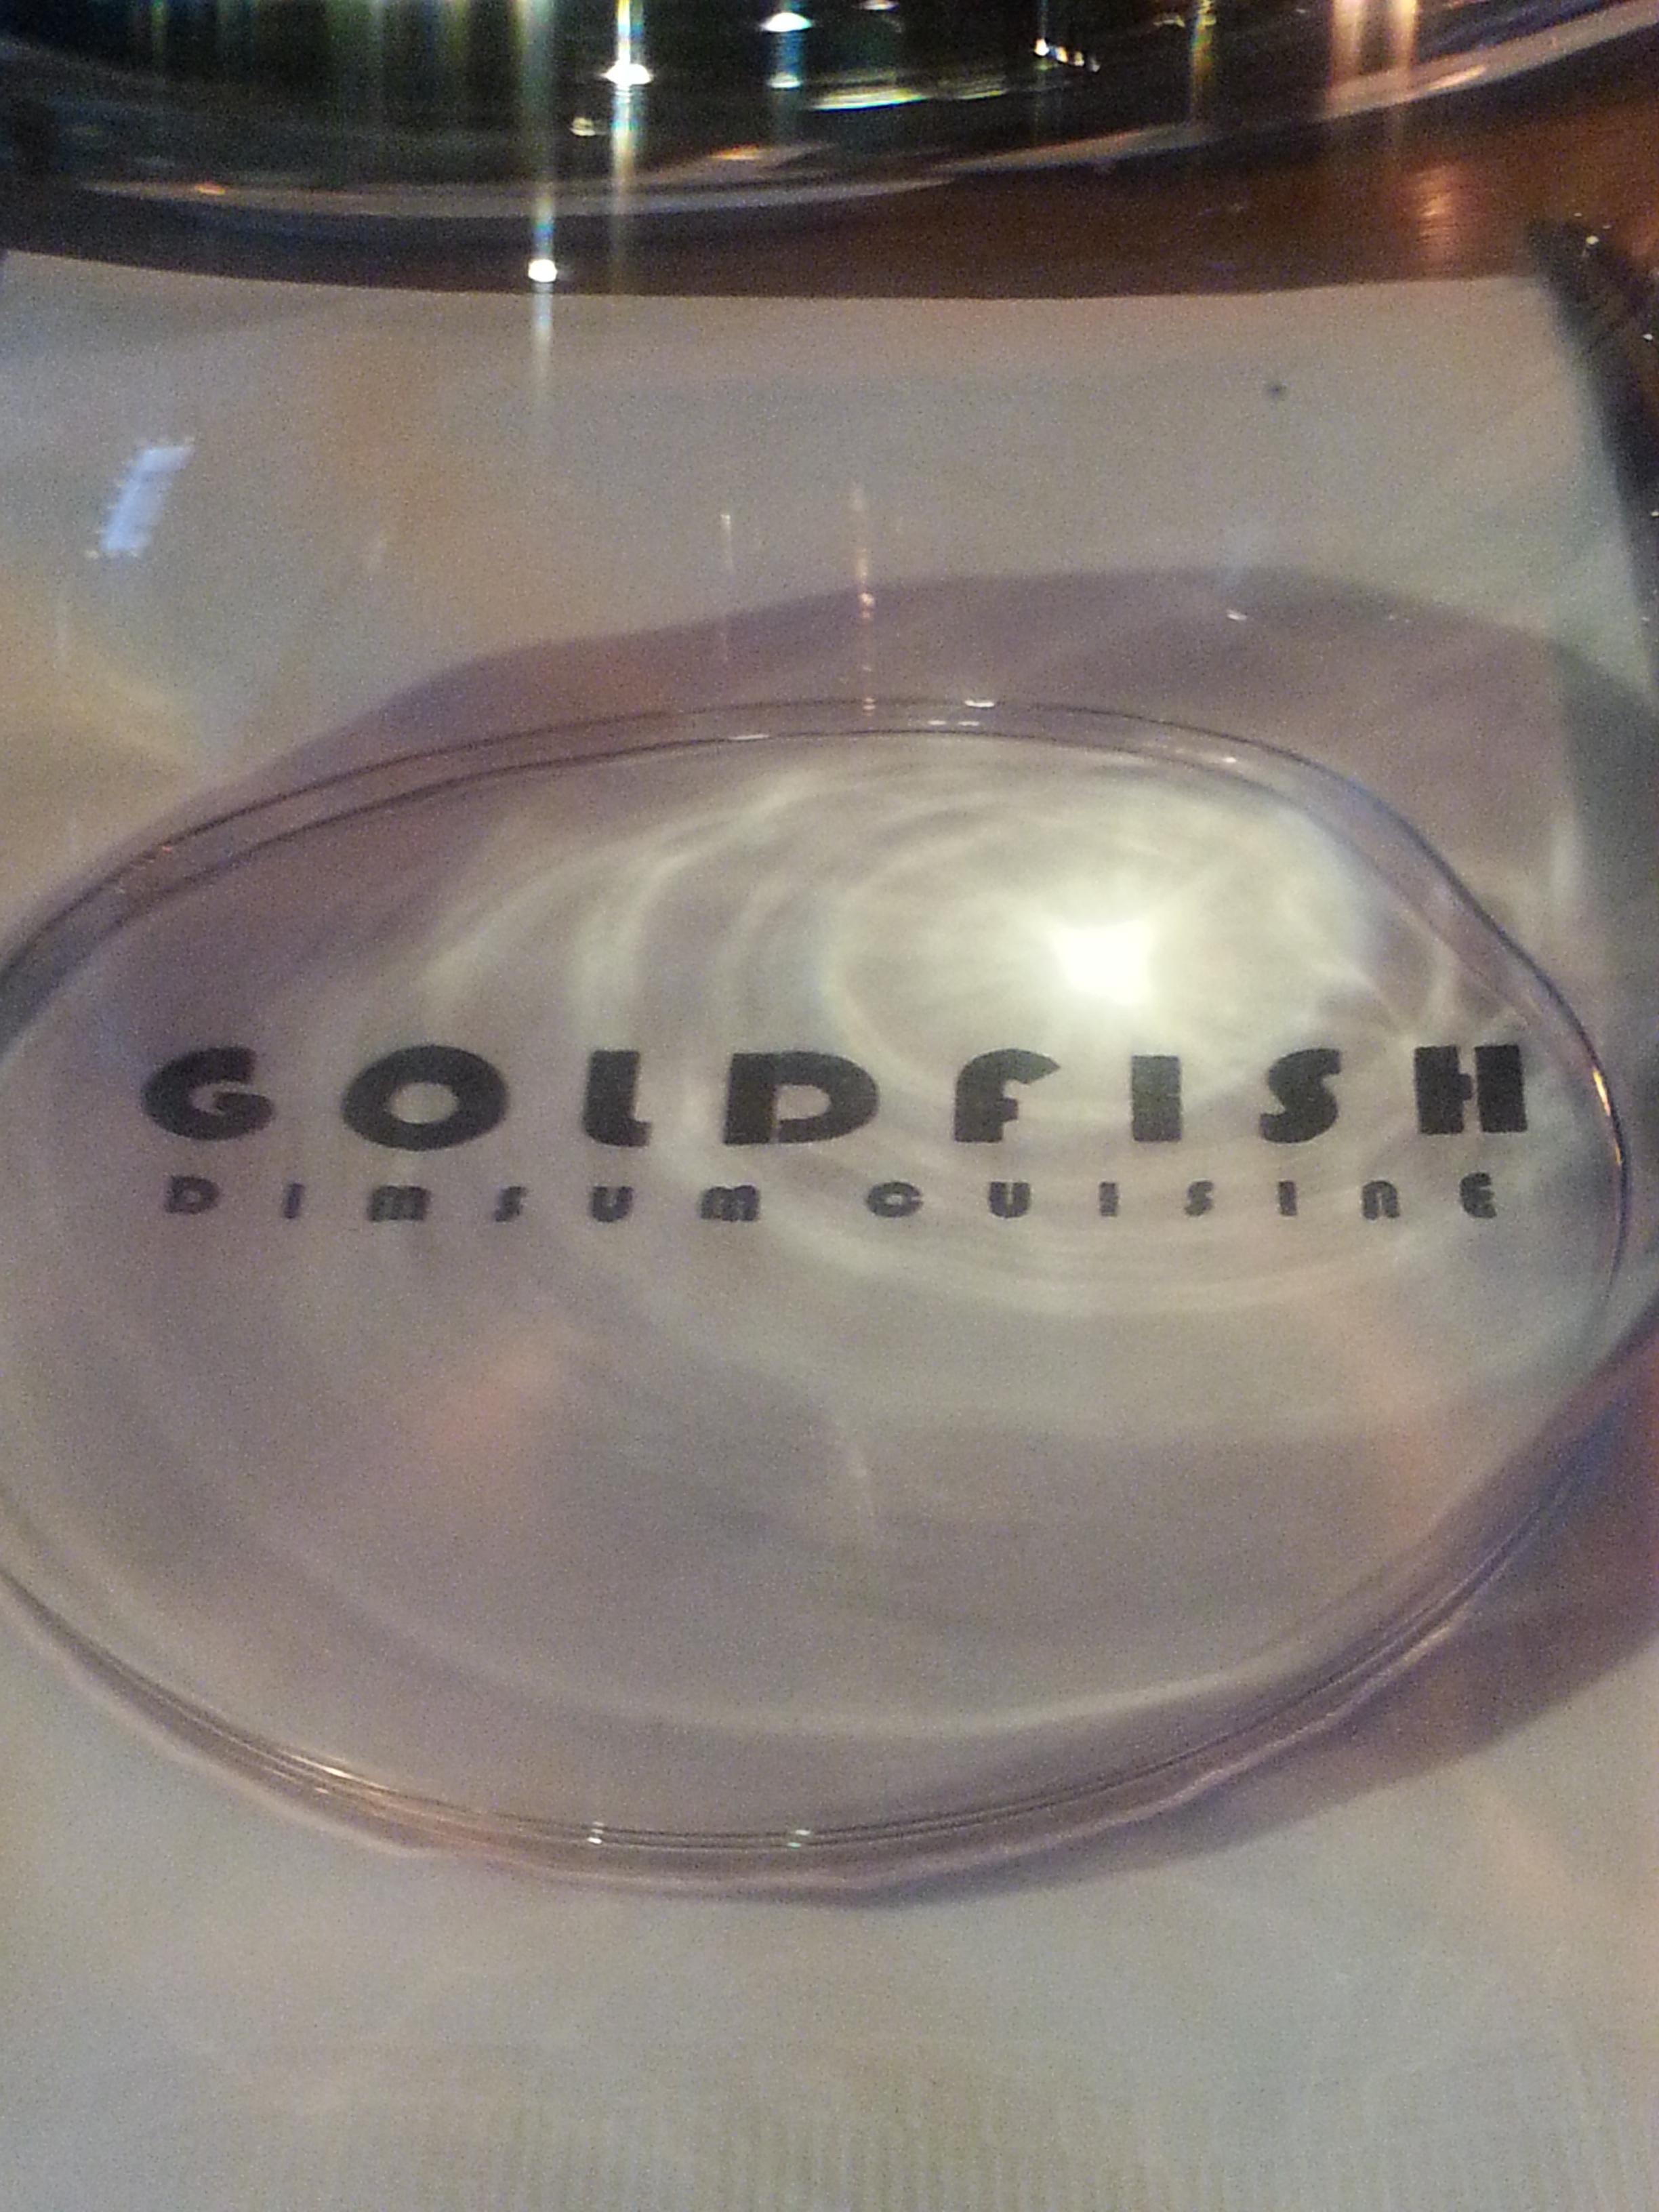 Restaurant Recommendation- Goldfish Dimsum!